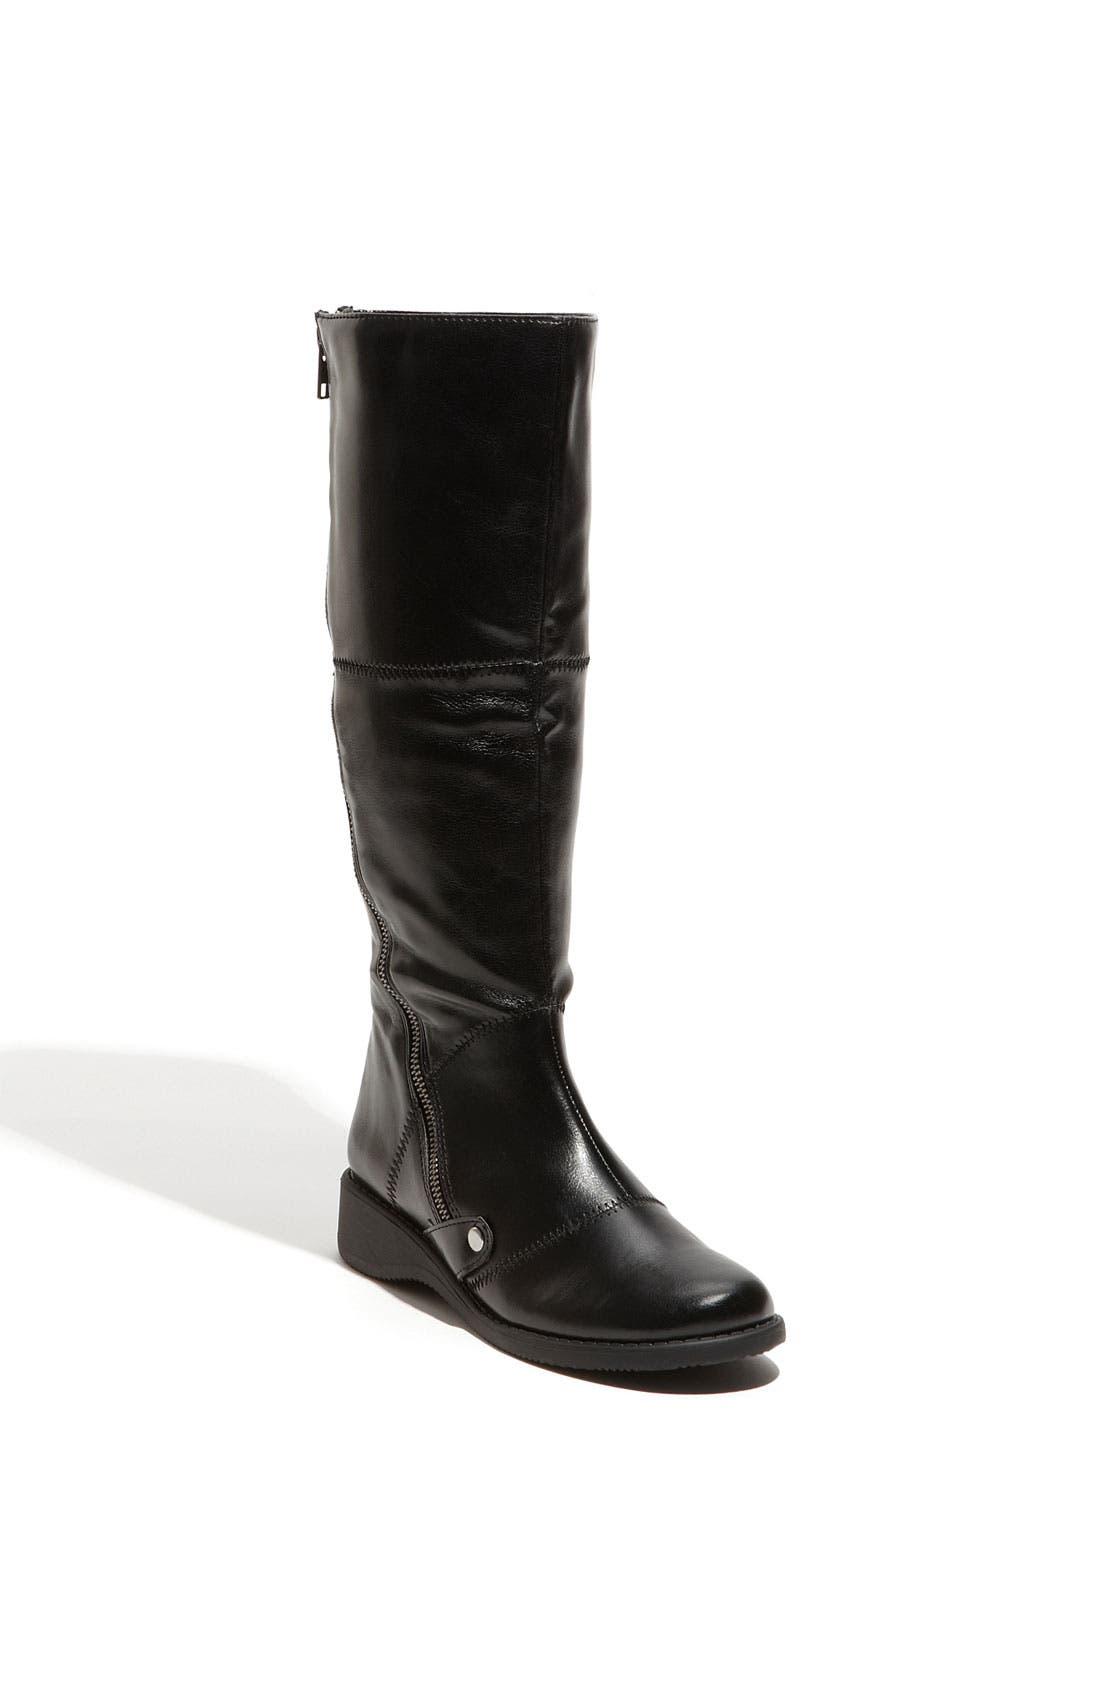 Alternate Image 1 Selected - BP. 'Again' Boot